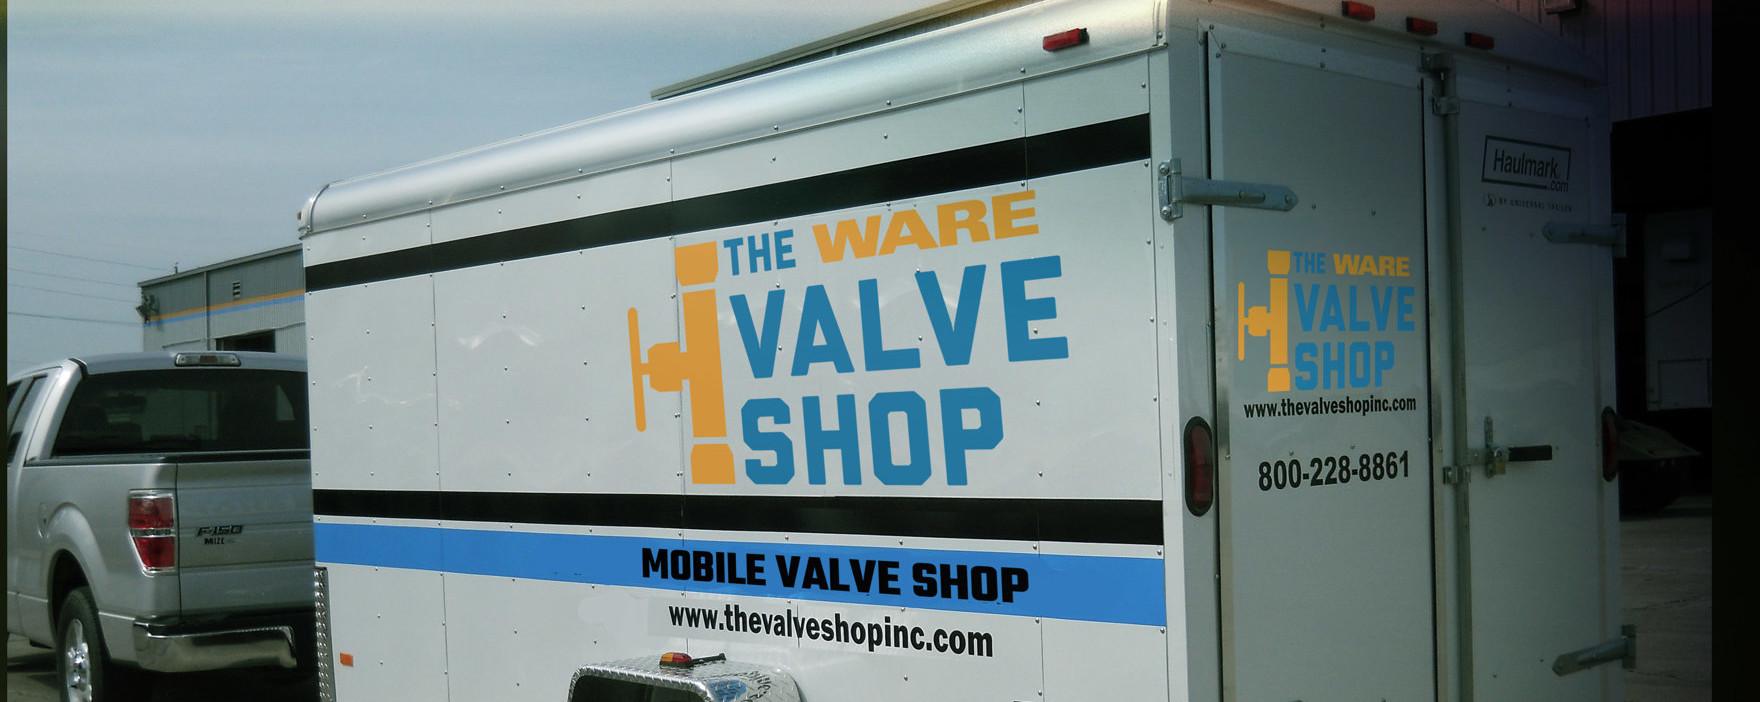 Mobile Valve Repair